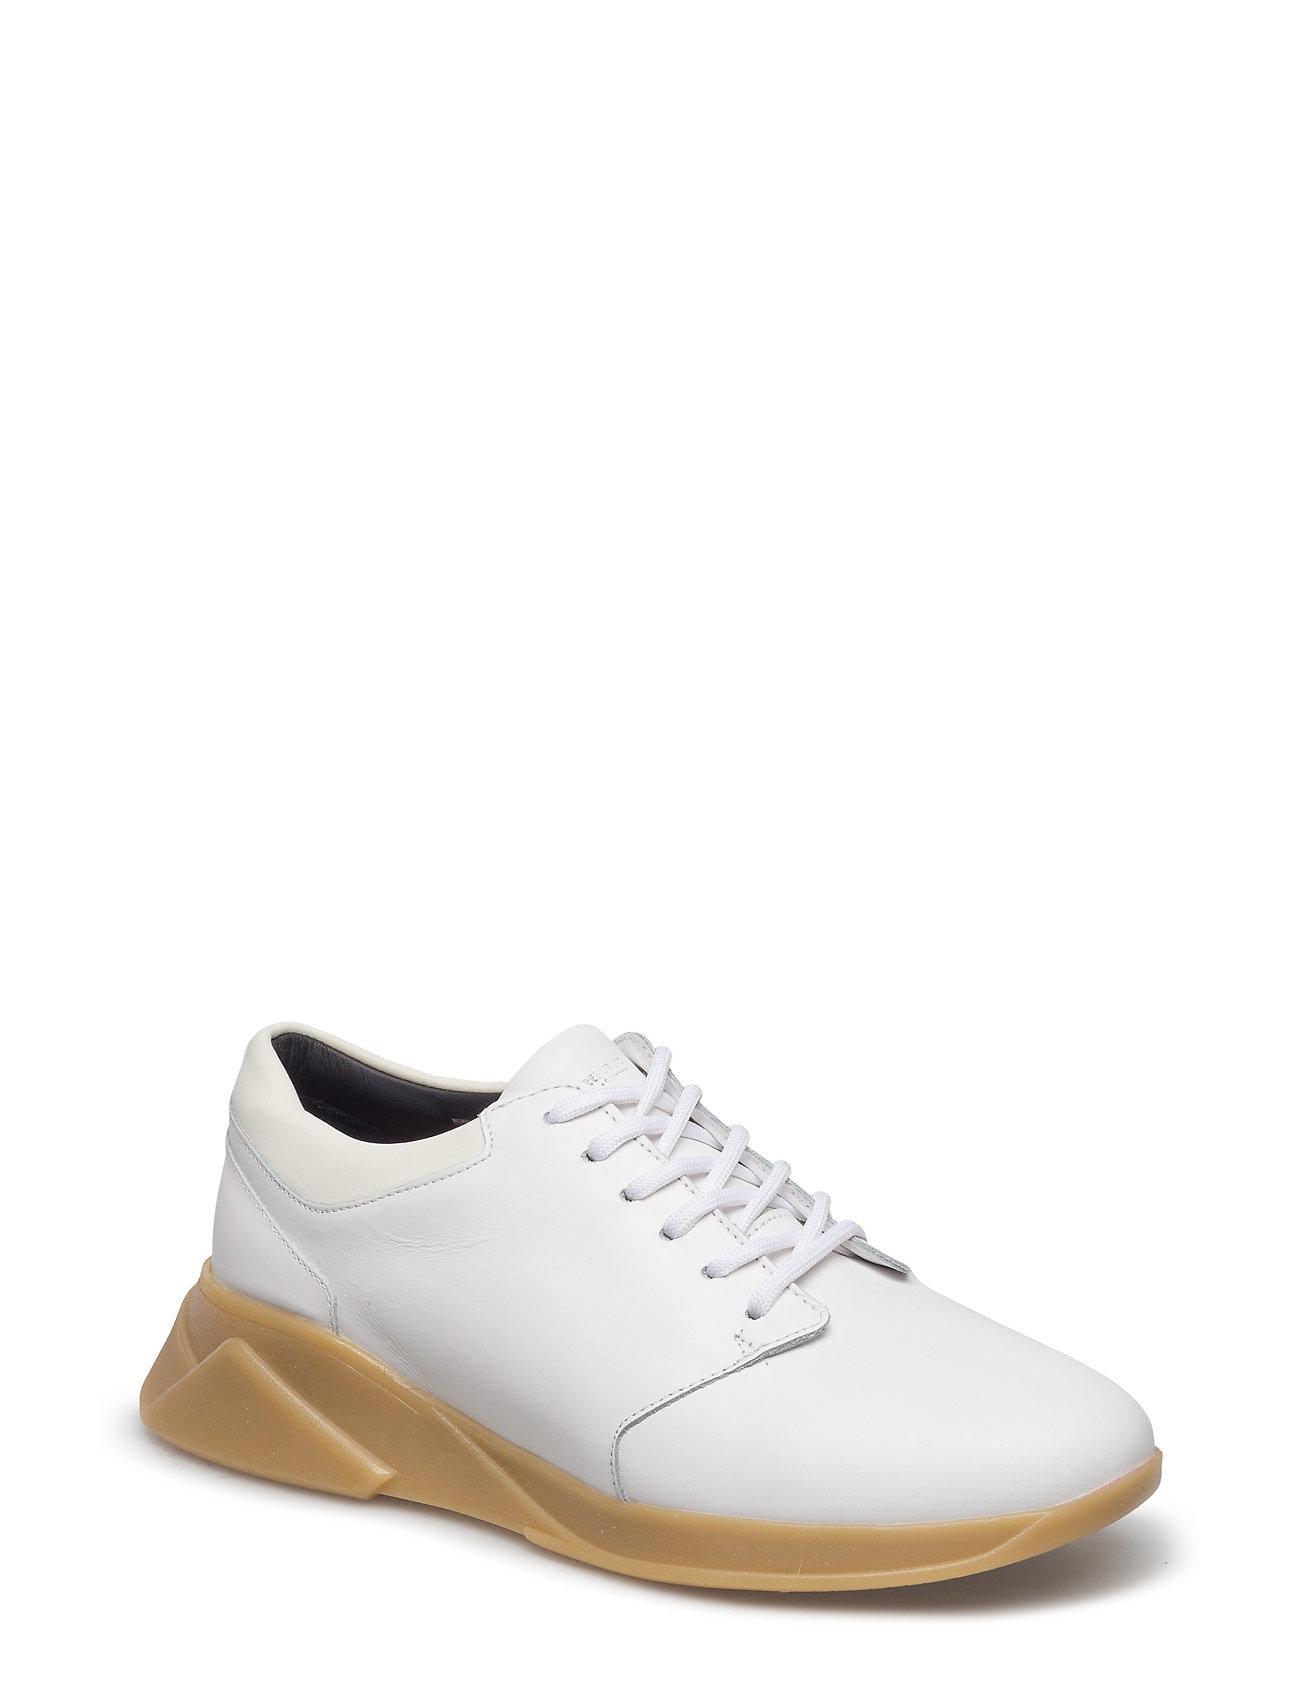 Force Derby Shoe Wmn Royal RepubliQ Sneakers til Damer i hvid